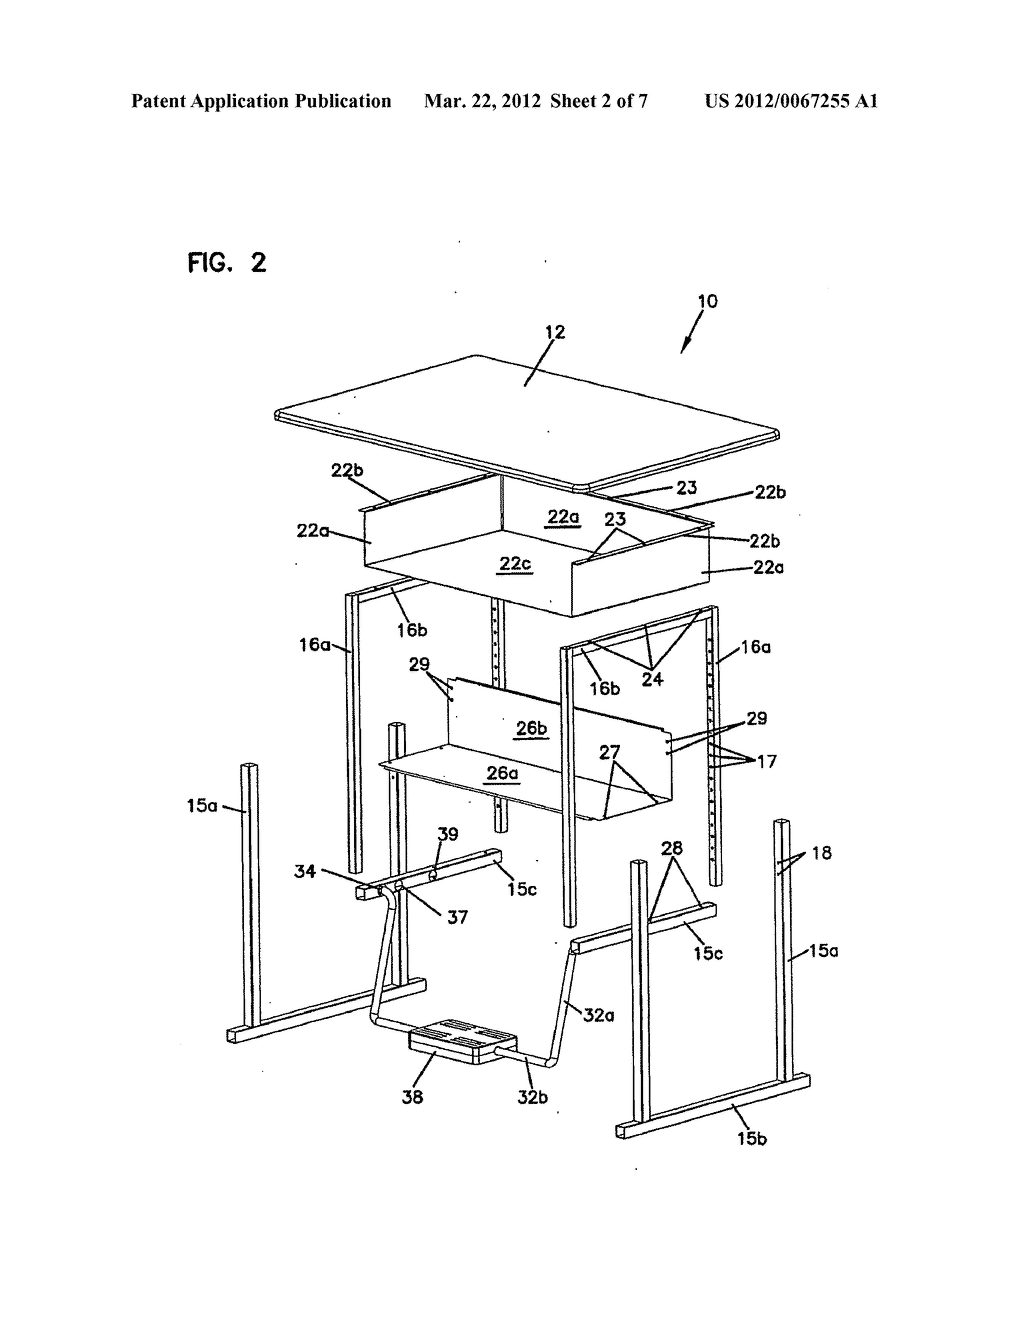 [SCHEMATICS_48IS]  ADJUSTABLE DESK AND FOOTREST ASSEMBLY - diagram, schematic, and image 03   Desk Schematic      Patents